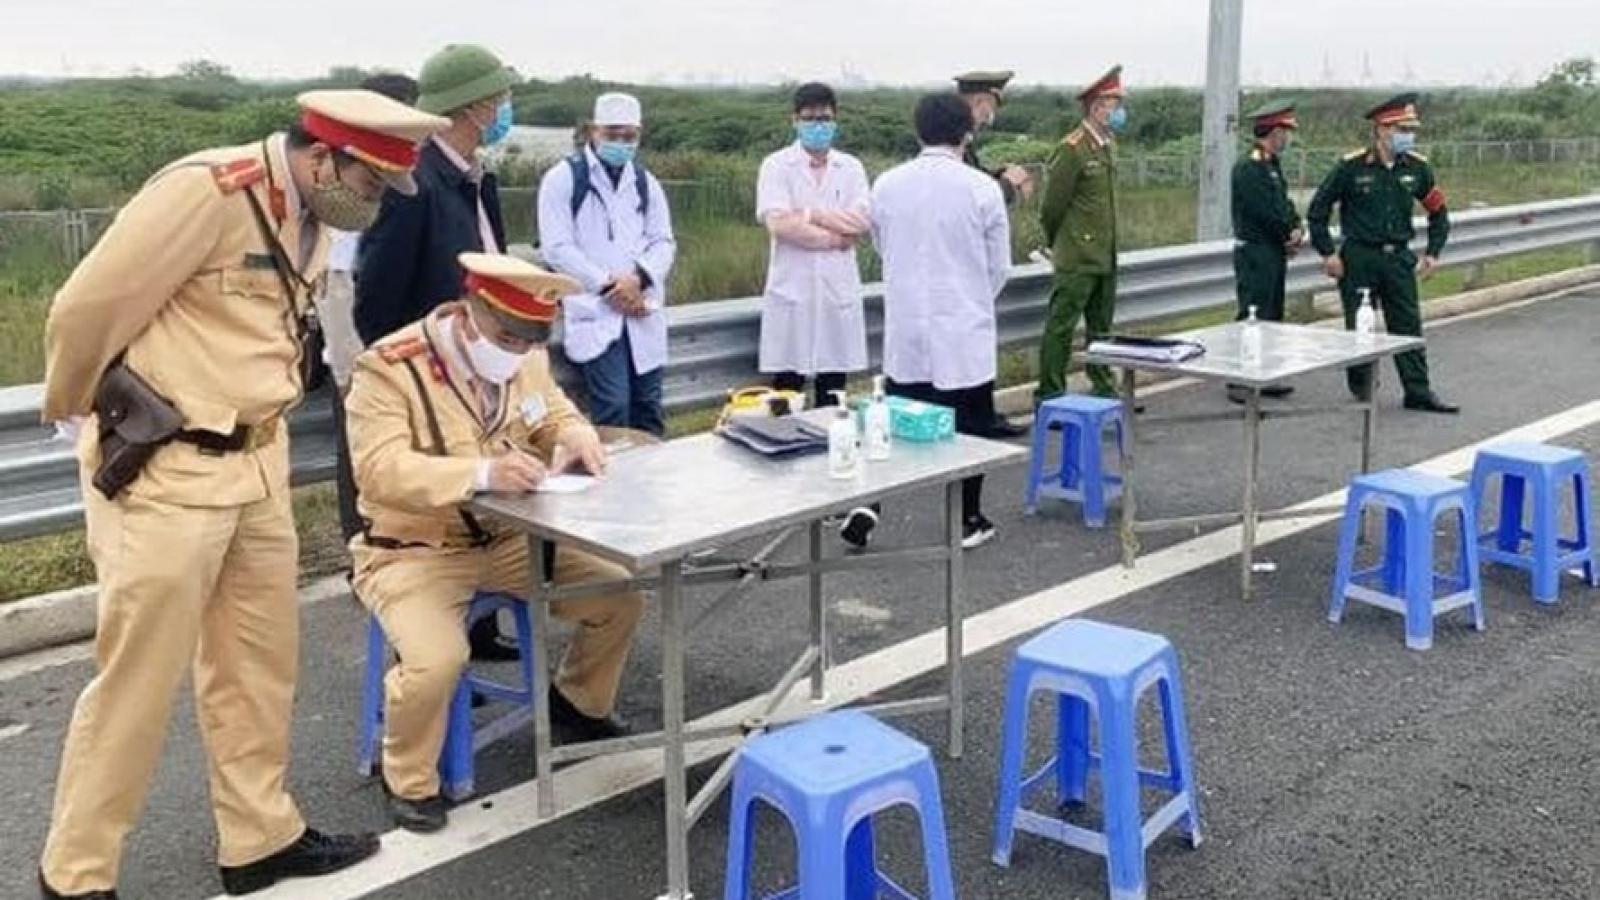 """22 chốt ở cửa ngõ Hà Nội để kiểm soát dịch bệnh, không """"ngăn sông cấm chợ"""""""